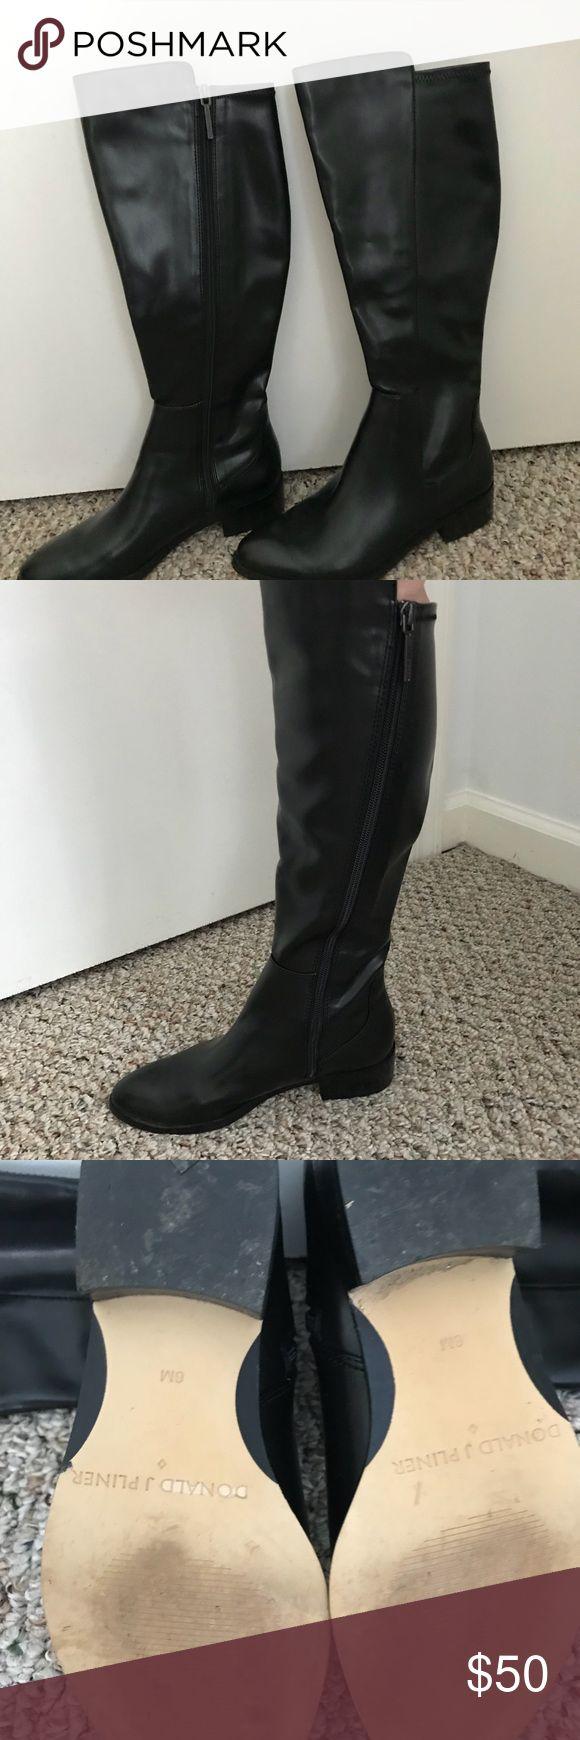 Donald Pliner Faux Leather Boots SZ 6 Faux leather boots